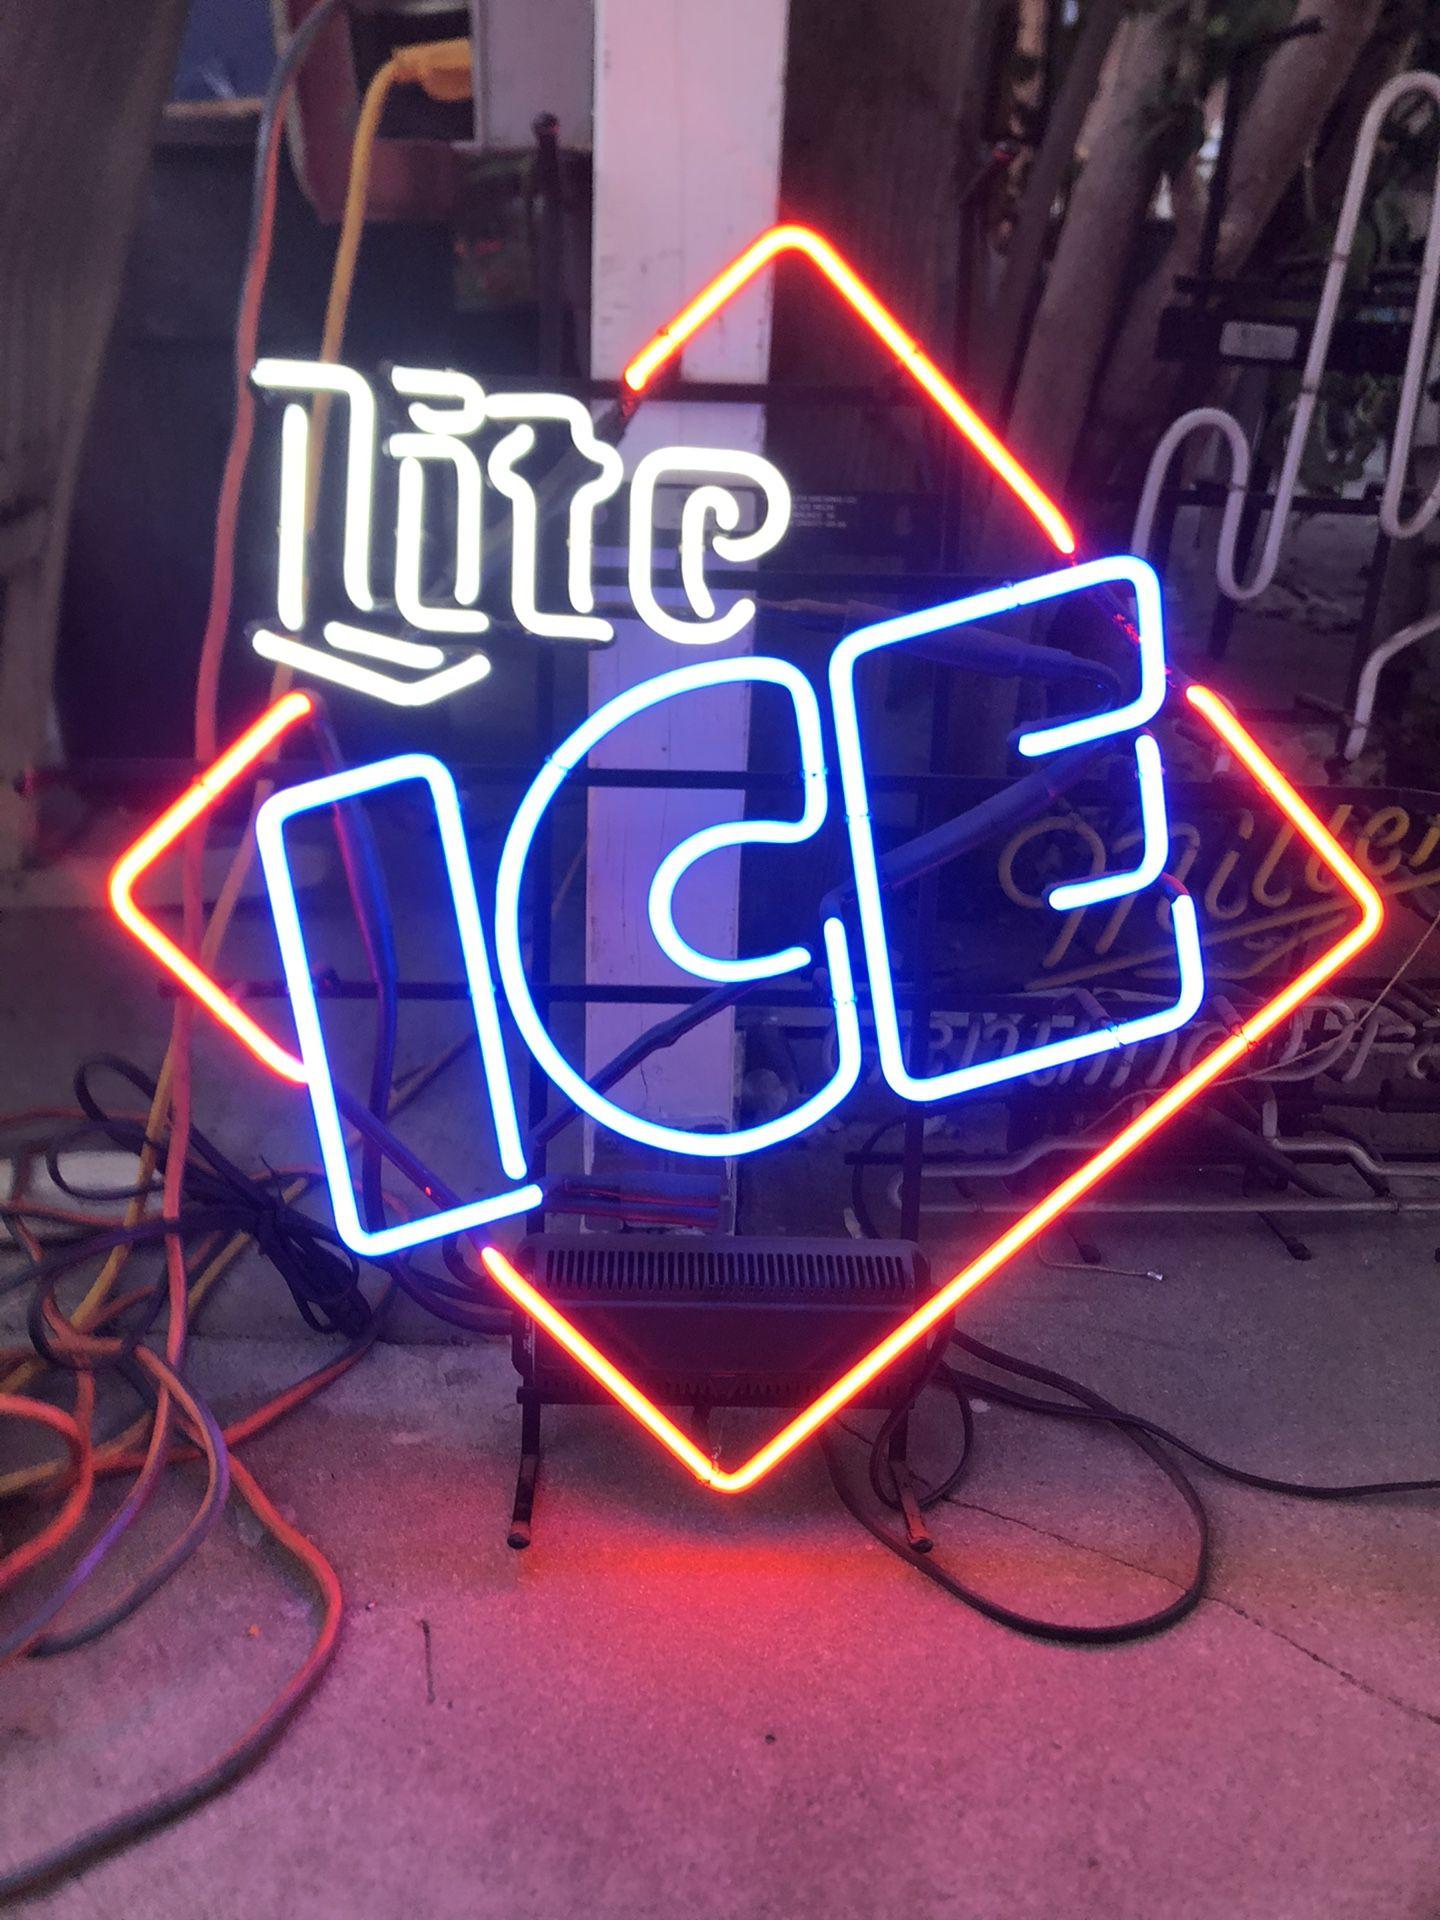 Miller Lite Ice Neon Light Sign